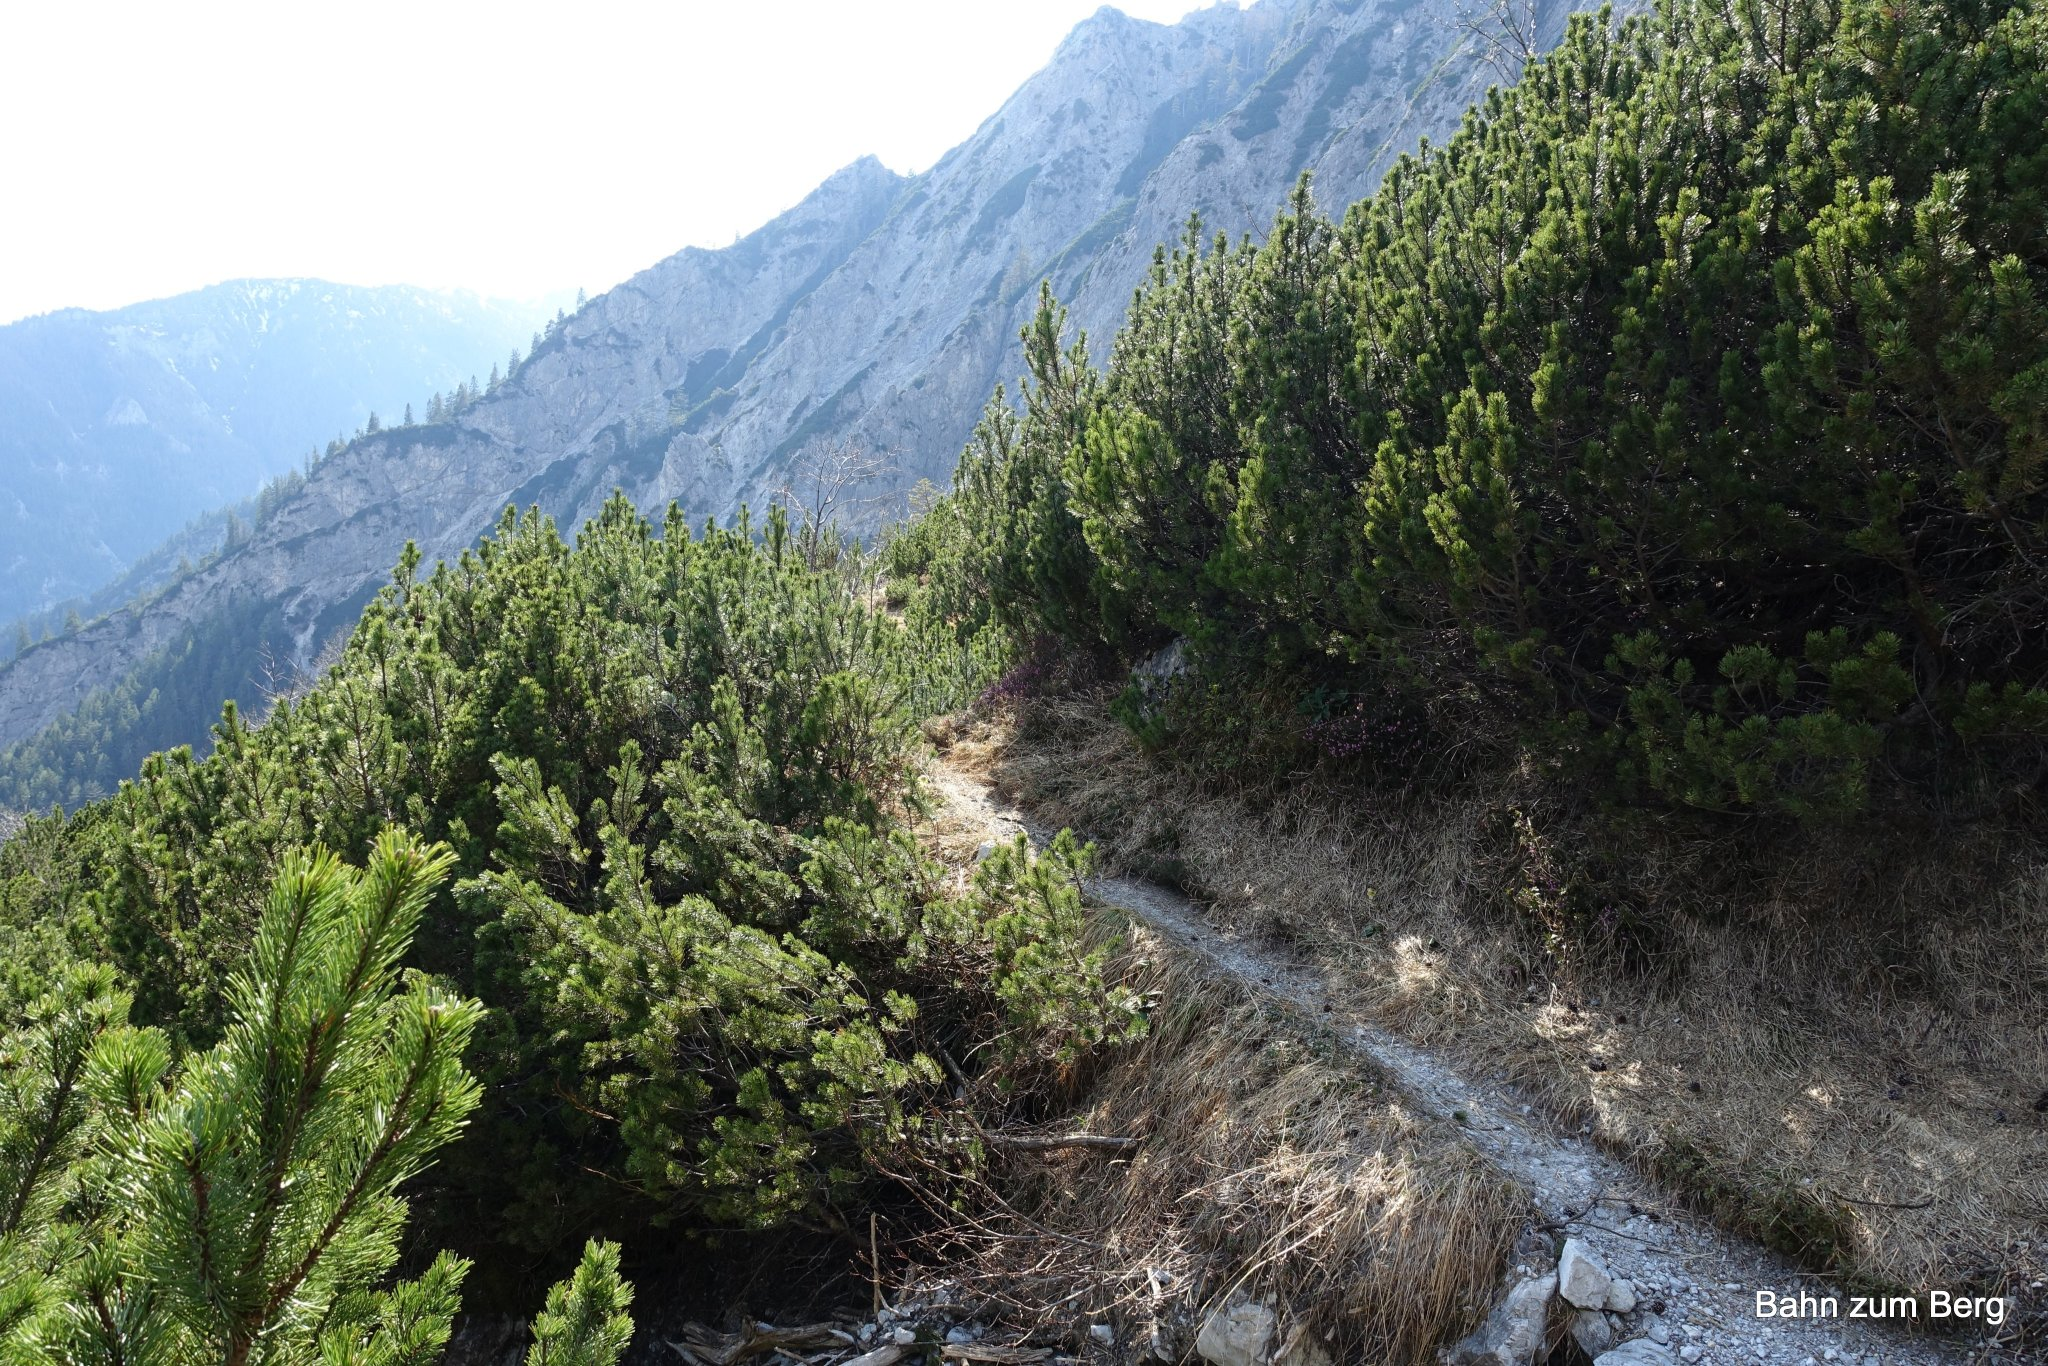 Nach der Kletterstelle macht es Sinn auf dem Weg zu bleiben